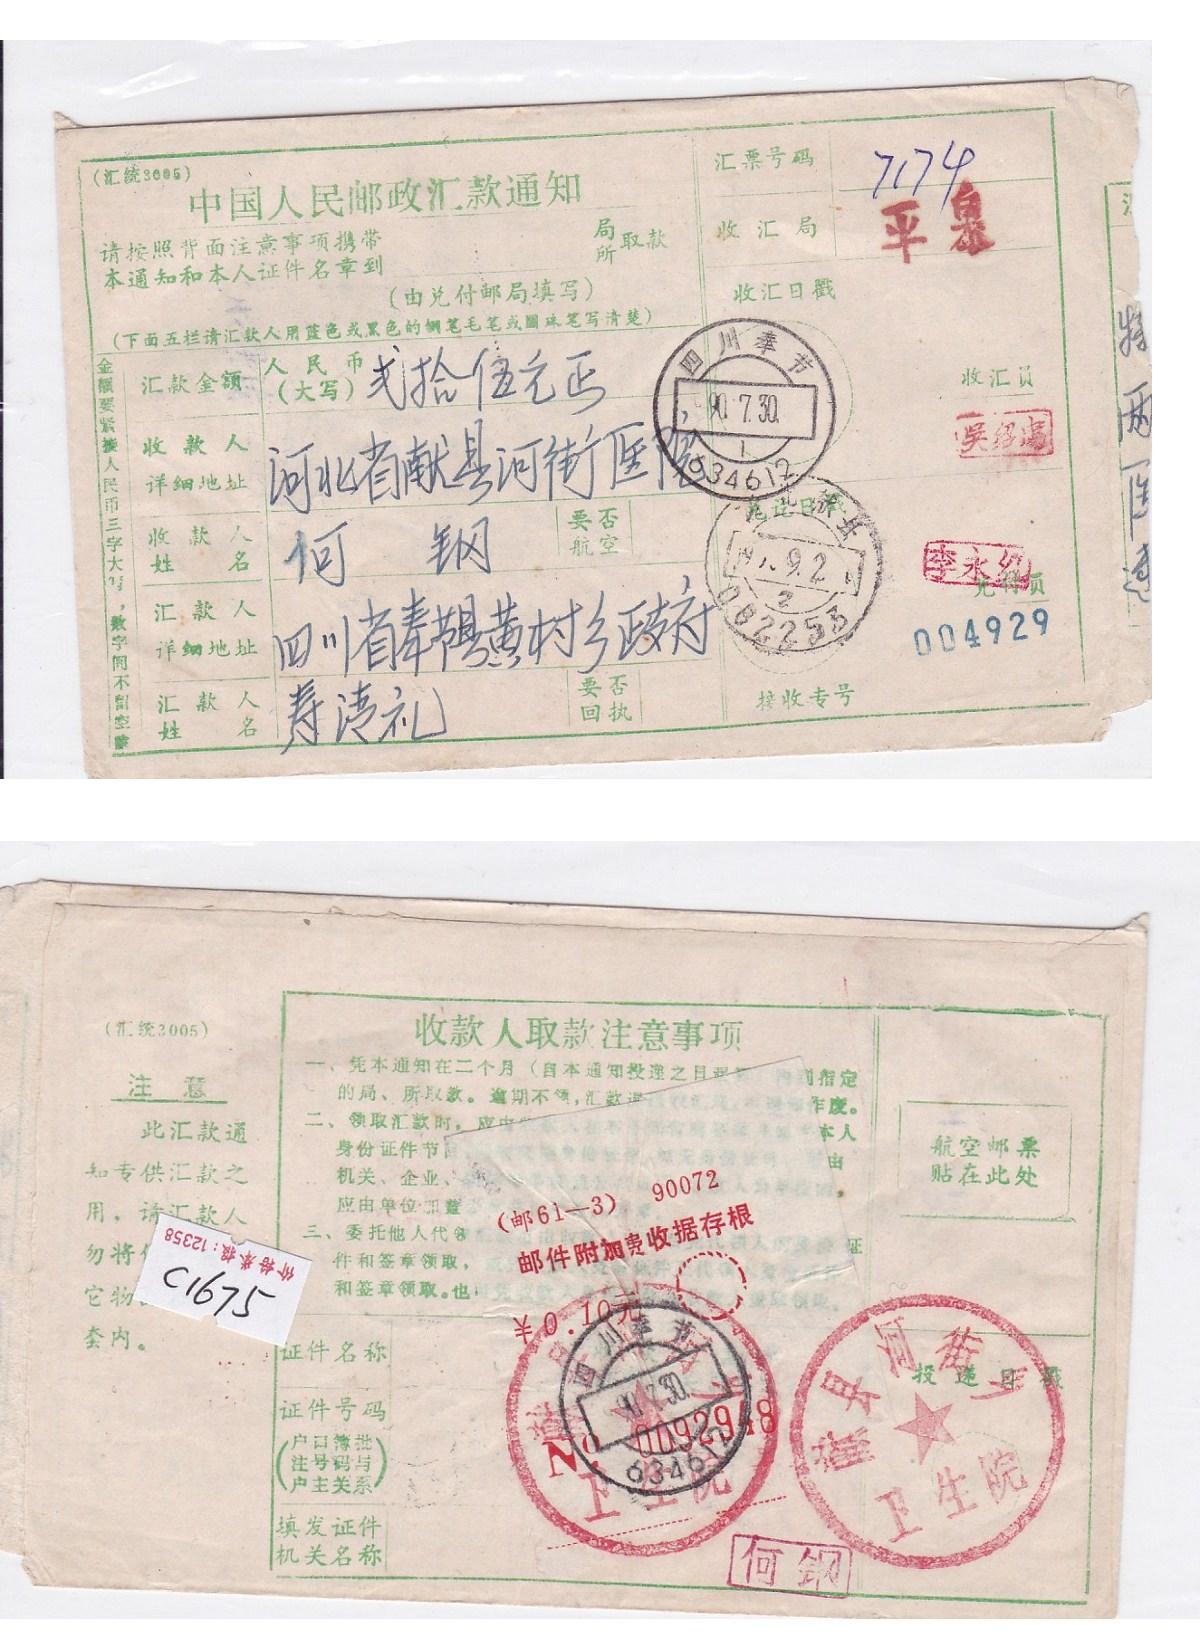 C1675_ провинция сычуань Бонг фестиваль почта модель прикрепленный плюс плата 0.10 юань этикетка почтовый обмен модель уведомление реальный послать предложение графство